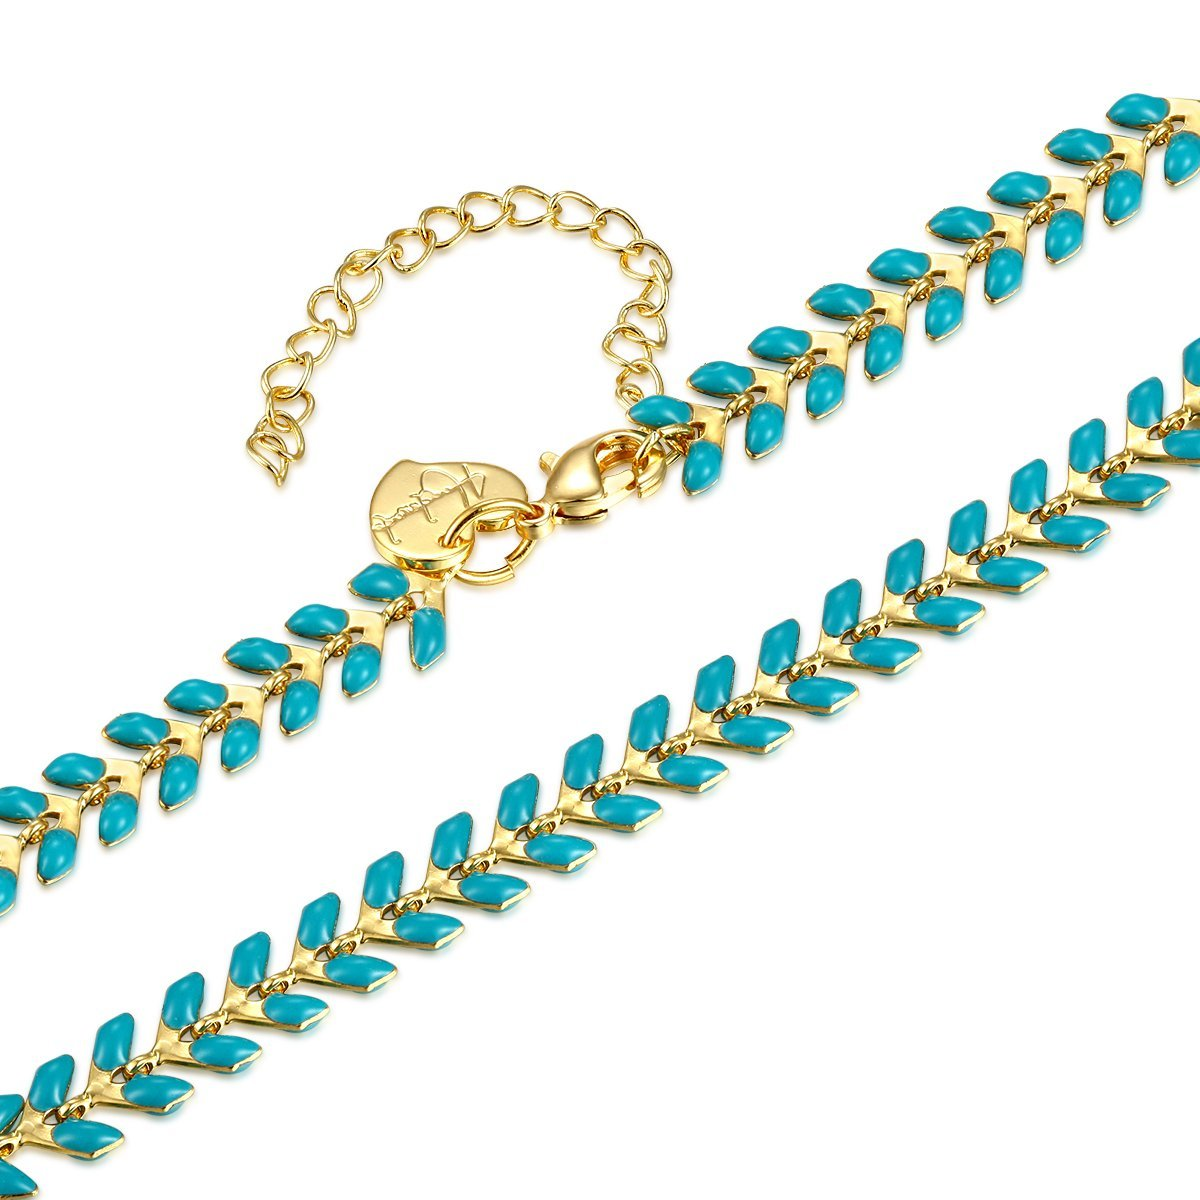 Fettero Anklet Bracelet Handmade Beach Boho Foot Jewelry Gold Heart Enamel Arrow Chevron Fishbone Chain Multicolored Seed Bead